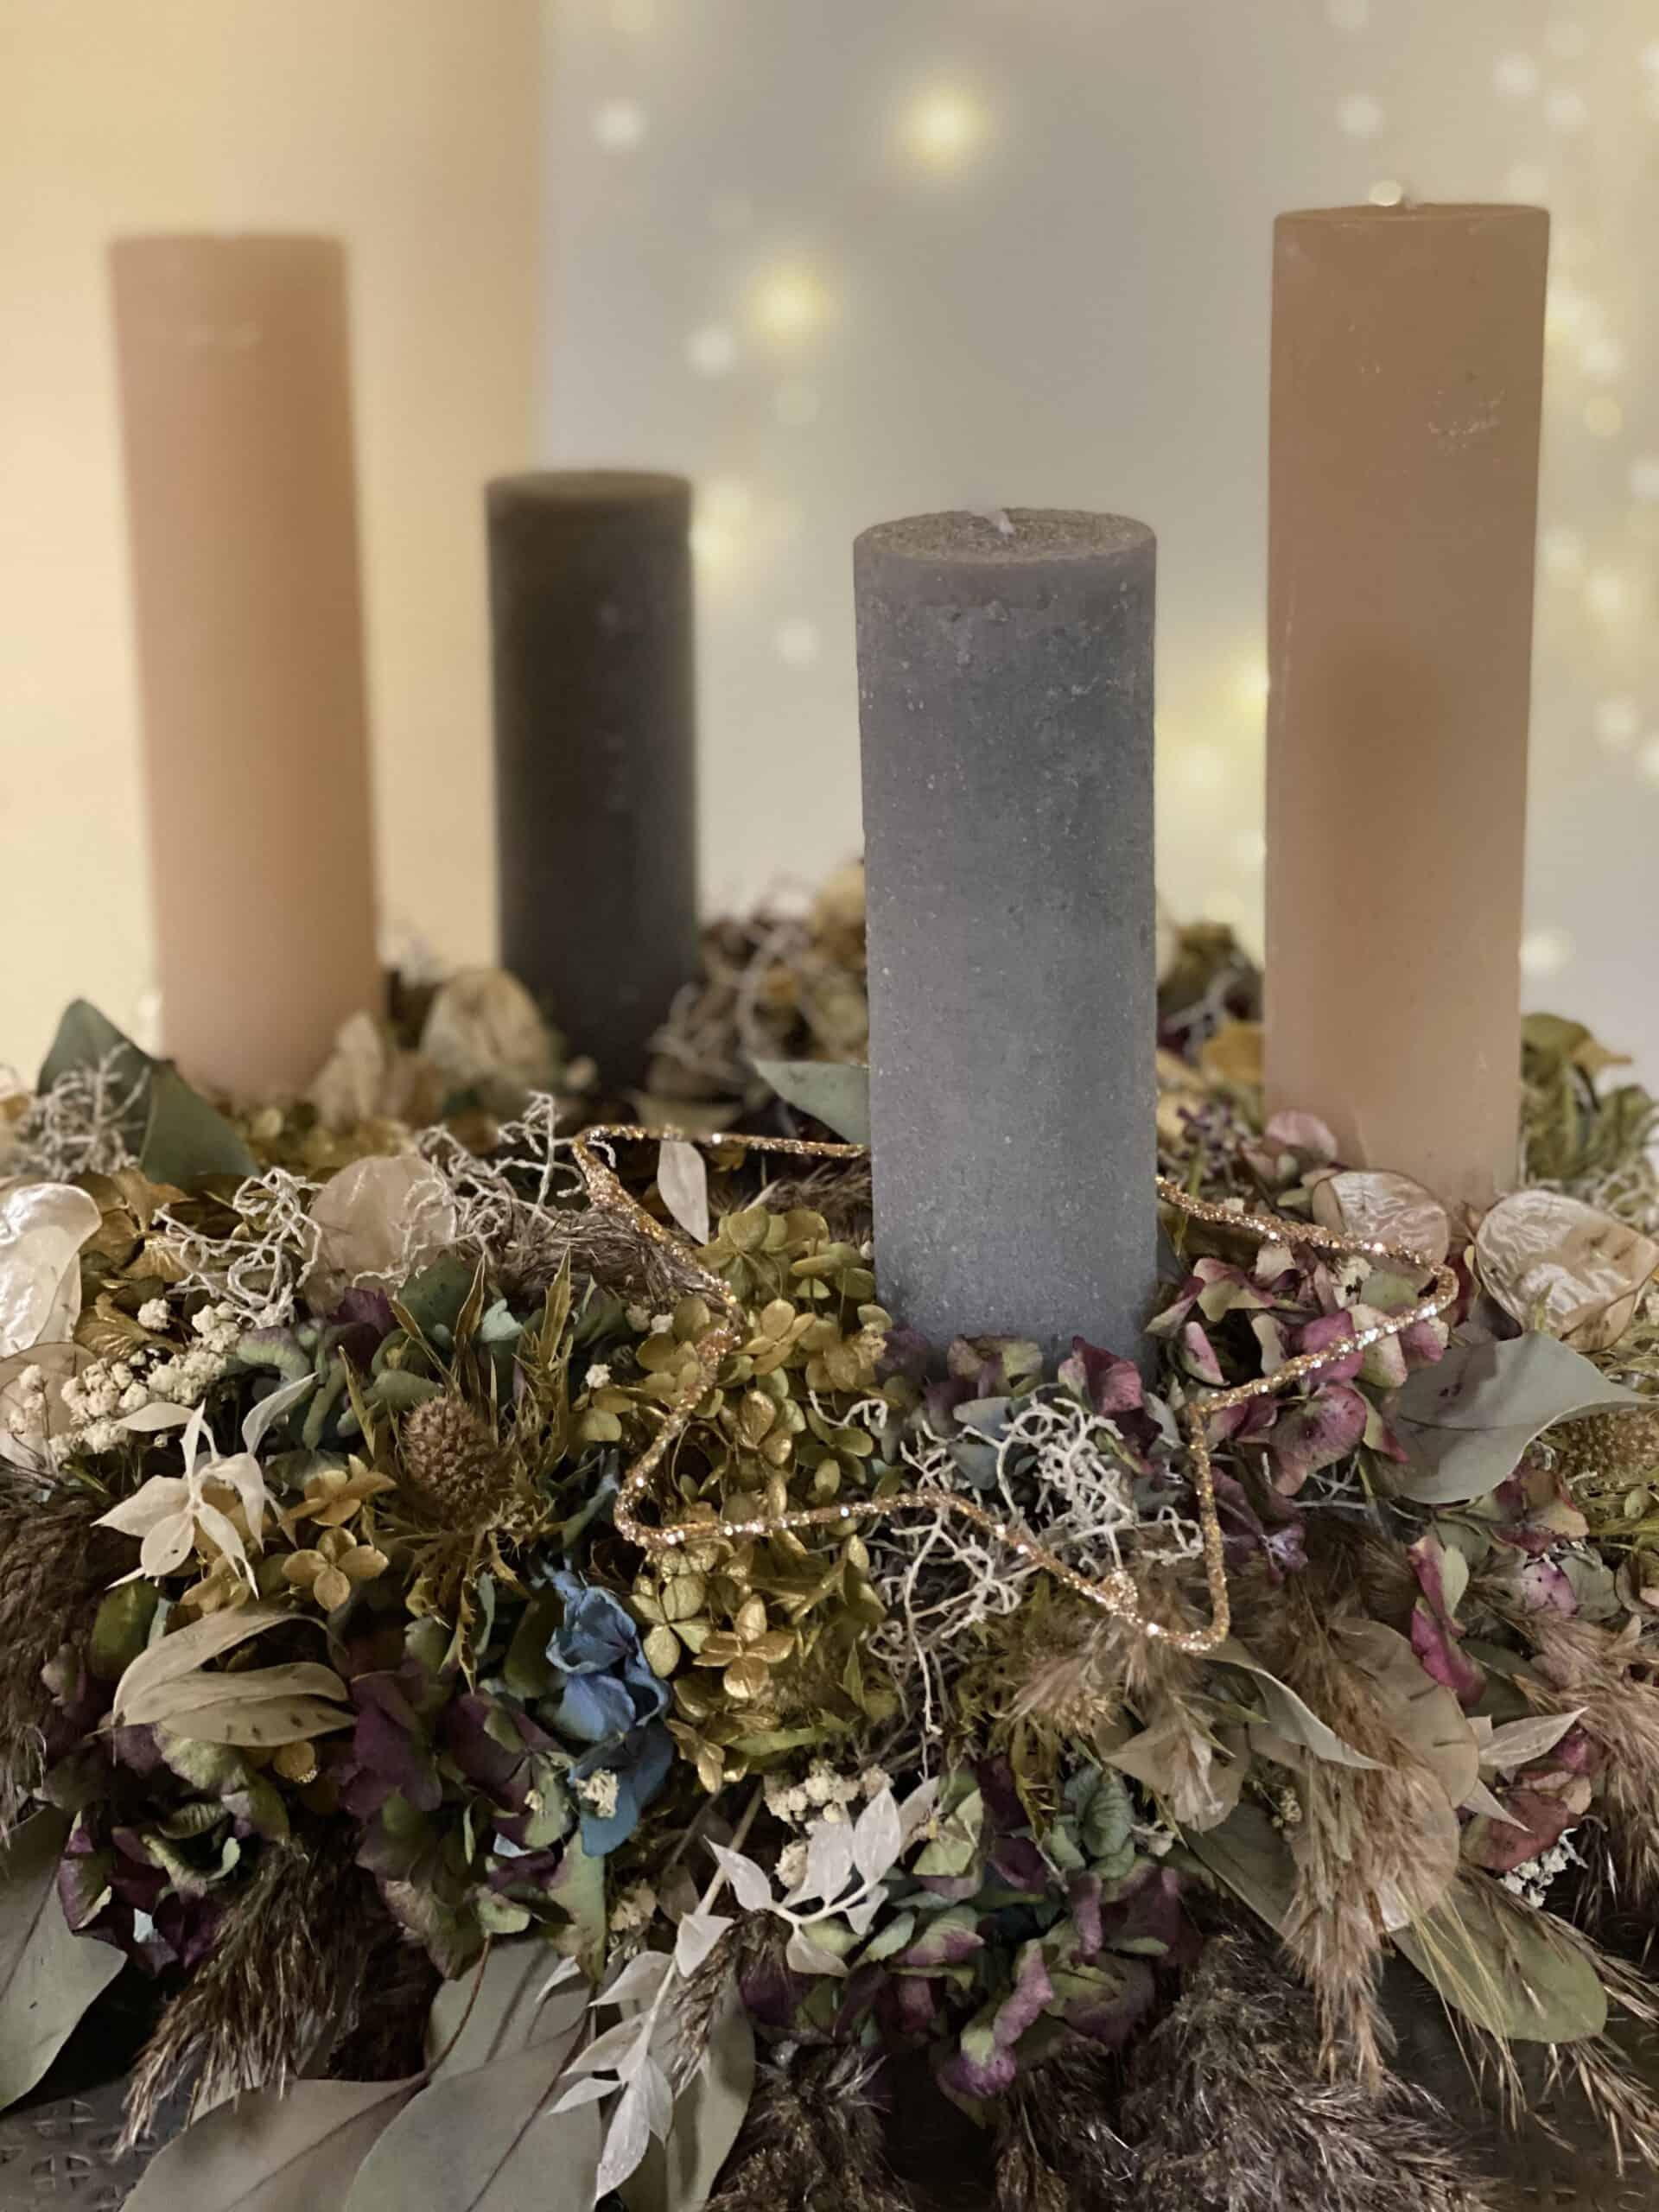 Adventskranz 2020 und moderne Weihnachtsdeko 2020 mit 4 Weizenkorn Kerzen in Farbe steingrau und nuss aus getrockneten Hortensien , Eukalyptus , Trockenblume von Gartenglück & Blütenkunst aus Pörnbach